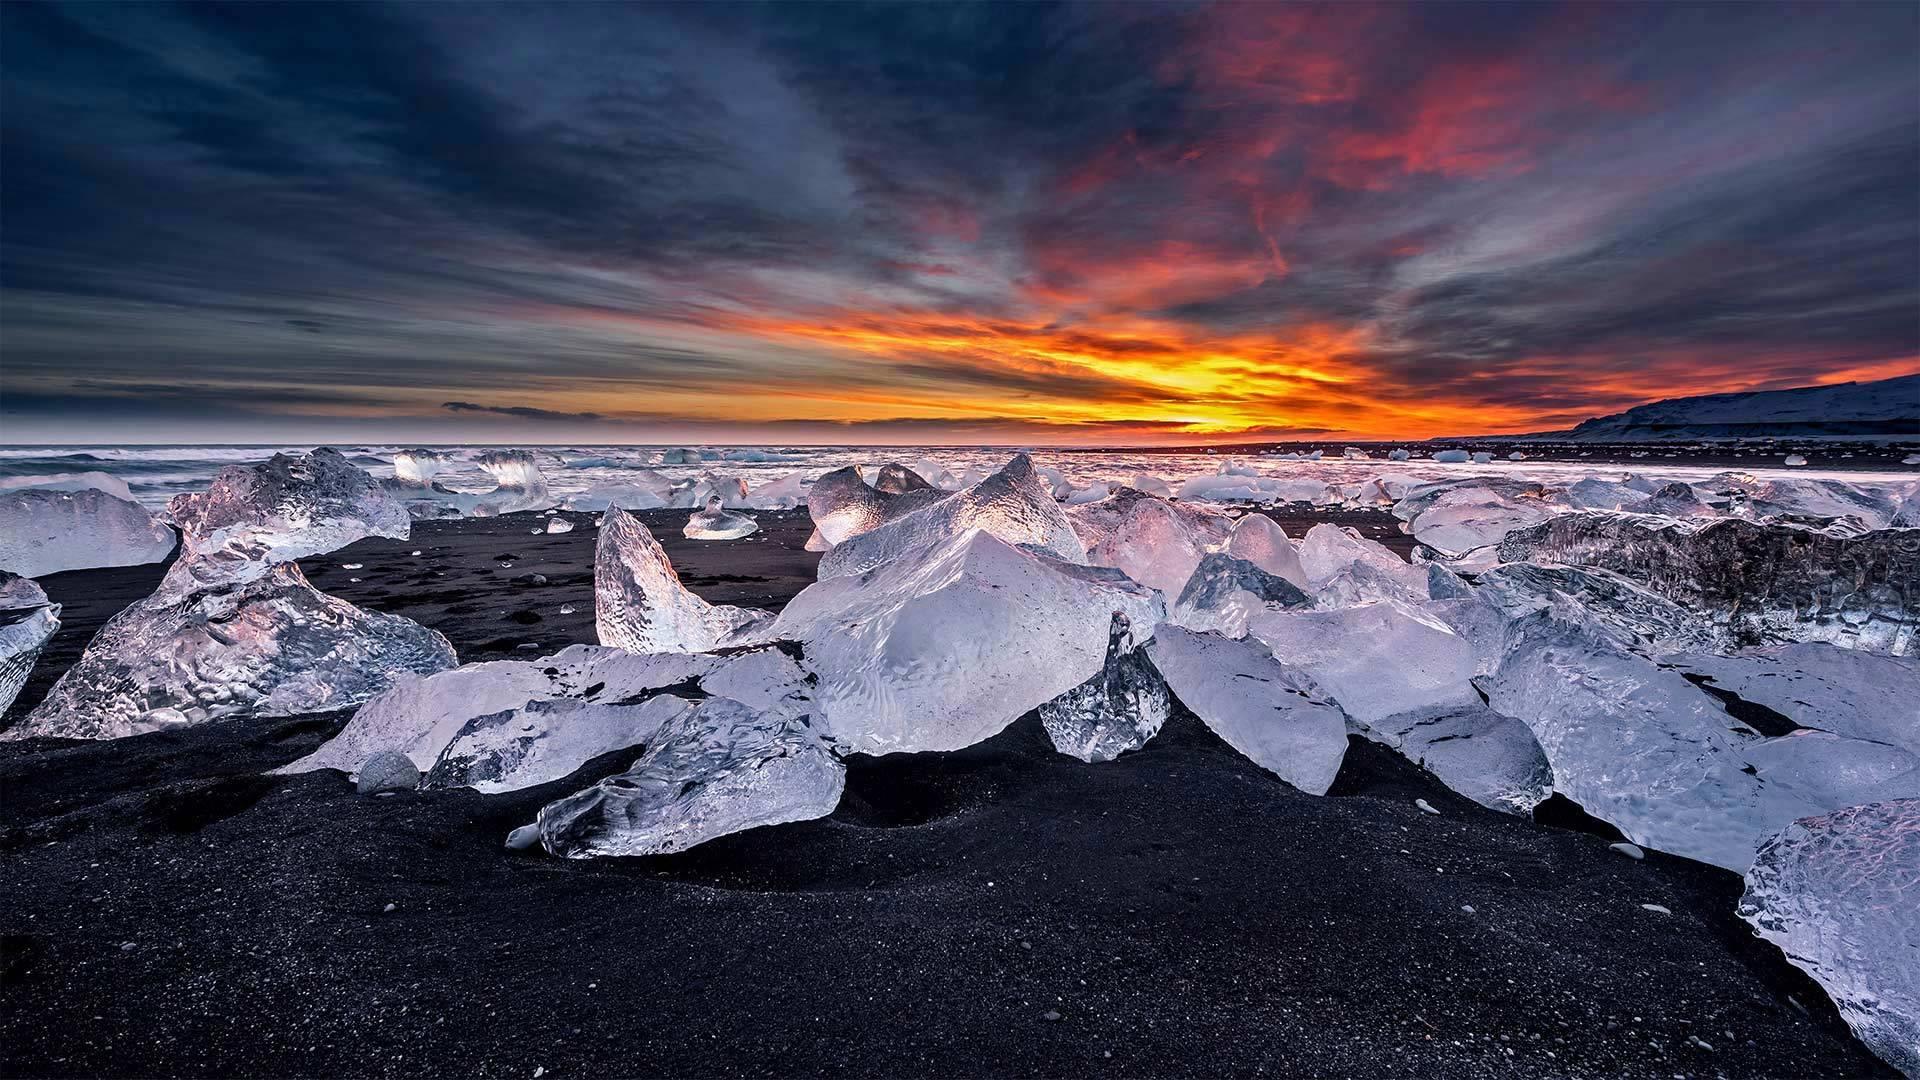 冰河湖对面的钻石冰沙滩钻石冰沙滩